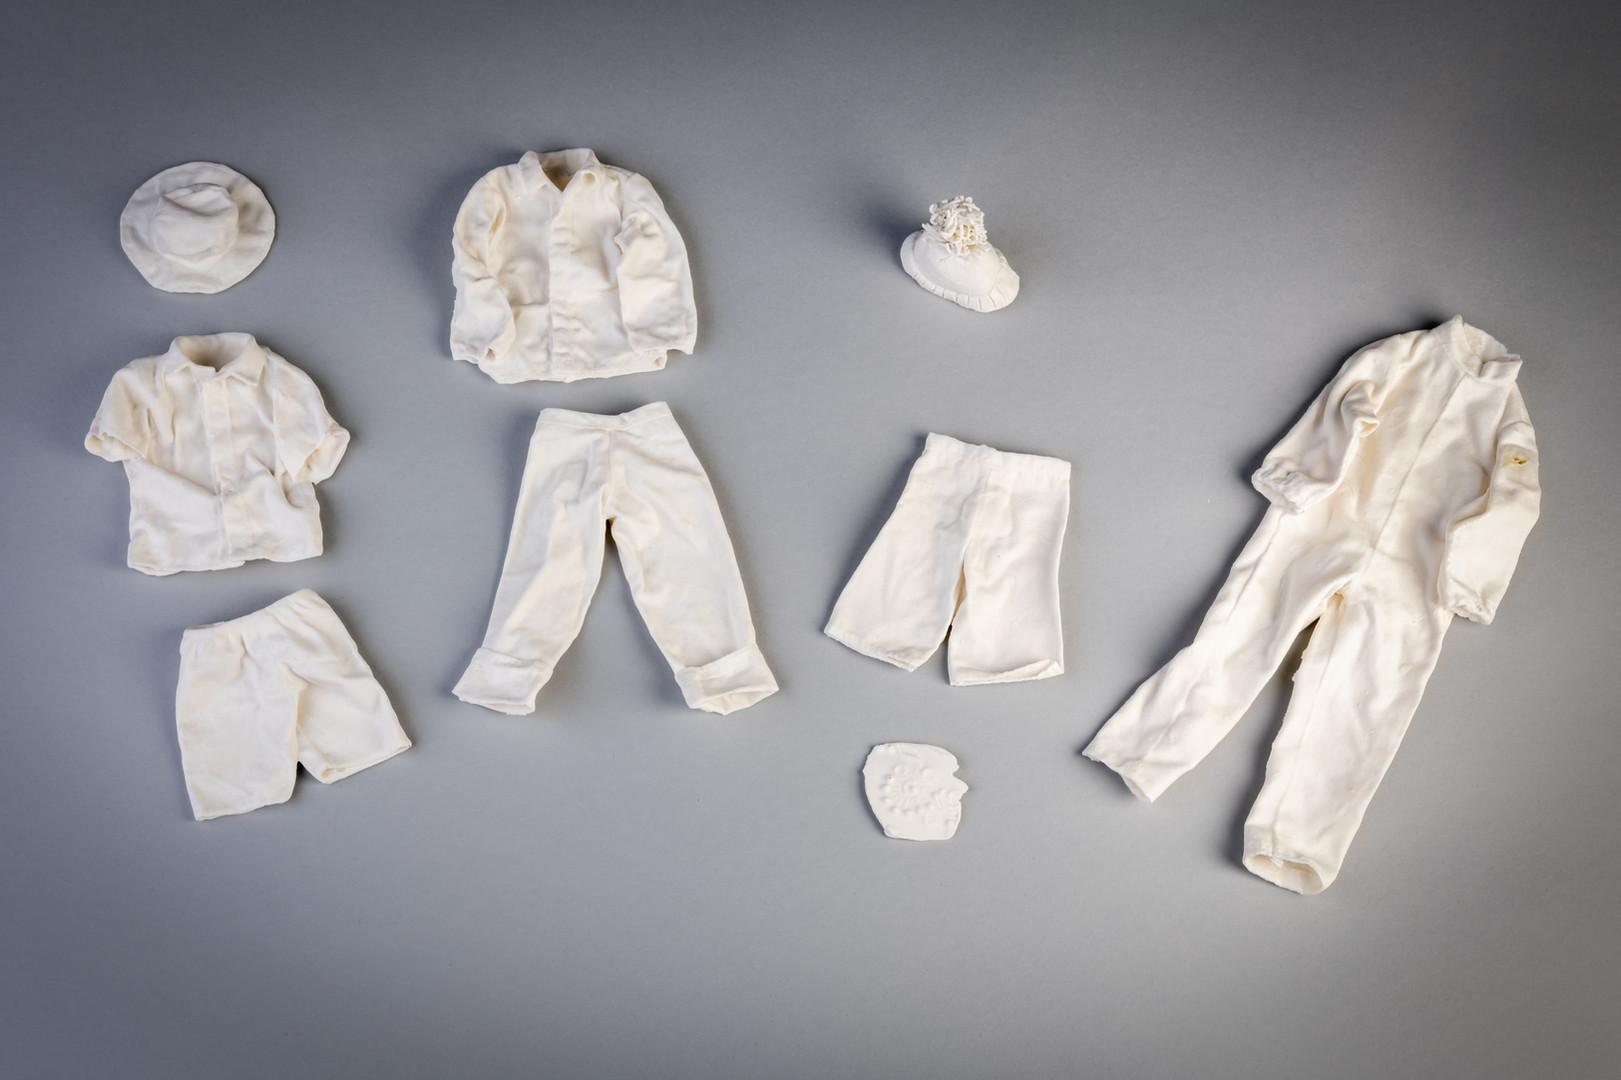 Porcelain clothing